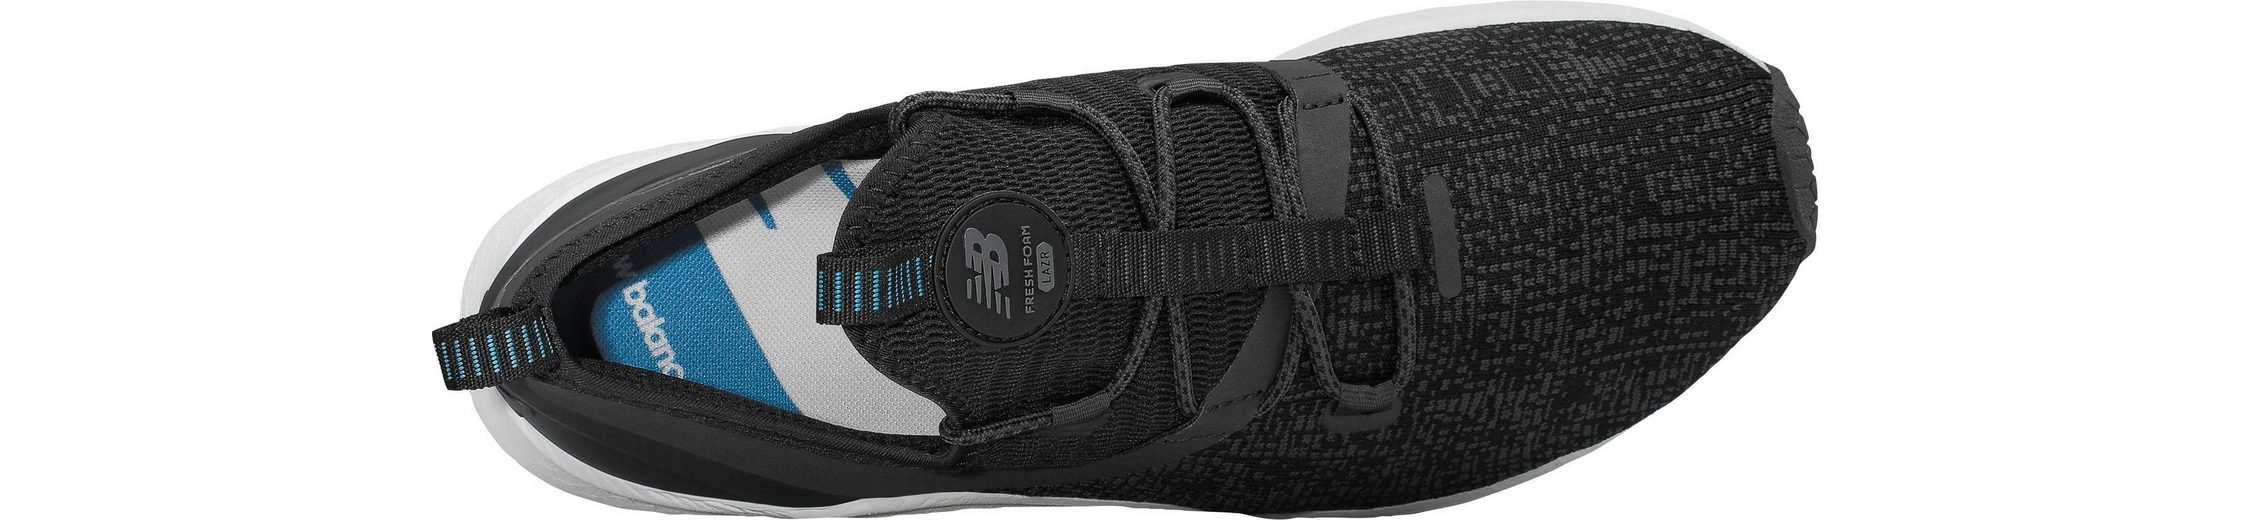 New Balance MLAZR Sneaker Manchester Günstiger Preis Klassische Online-Verkauf 2018 Unisex Günstig Kaufen Erschwinglich Beeile Dich gJCrVSiWkR